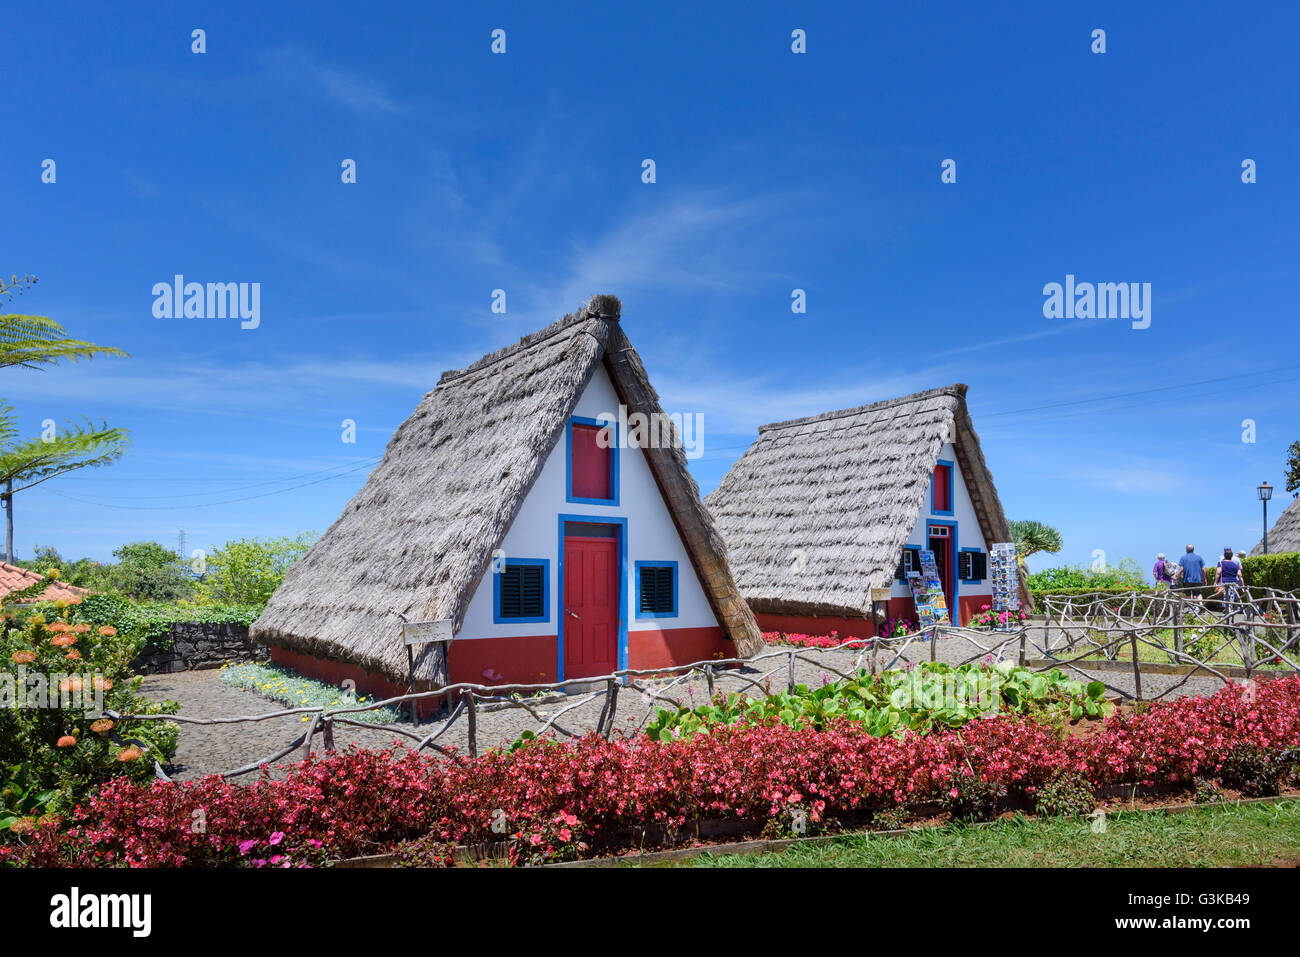 - Palheiros traditionnelles maisons triangulaires de chaume à Santana Madeira Photo Stock